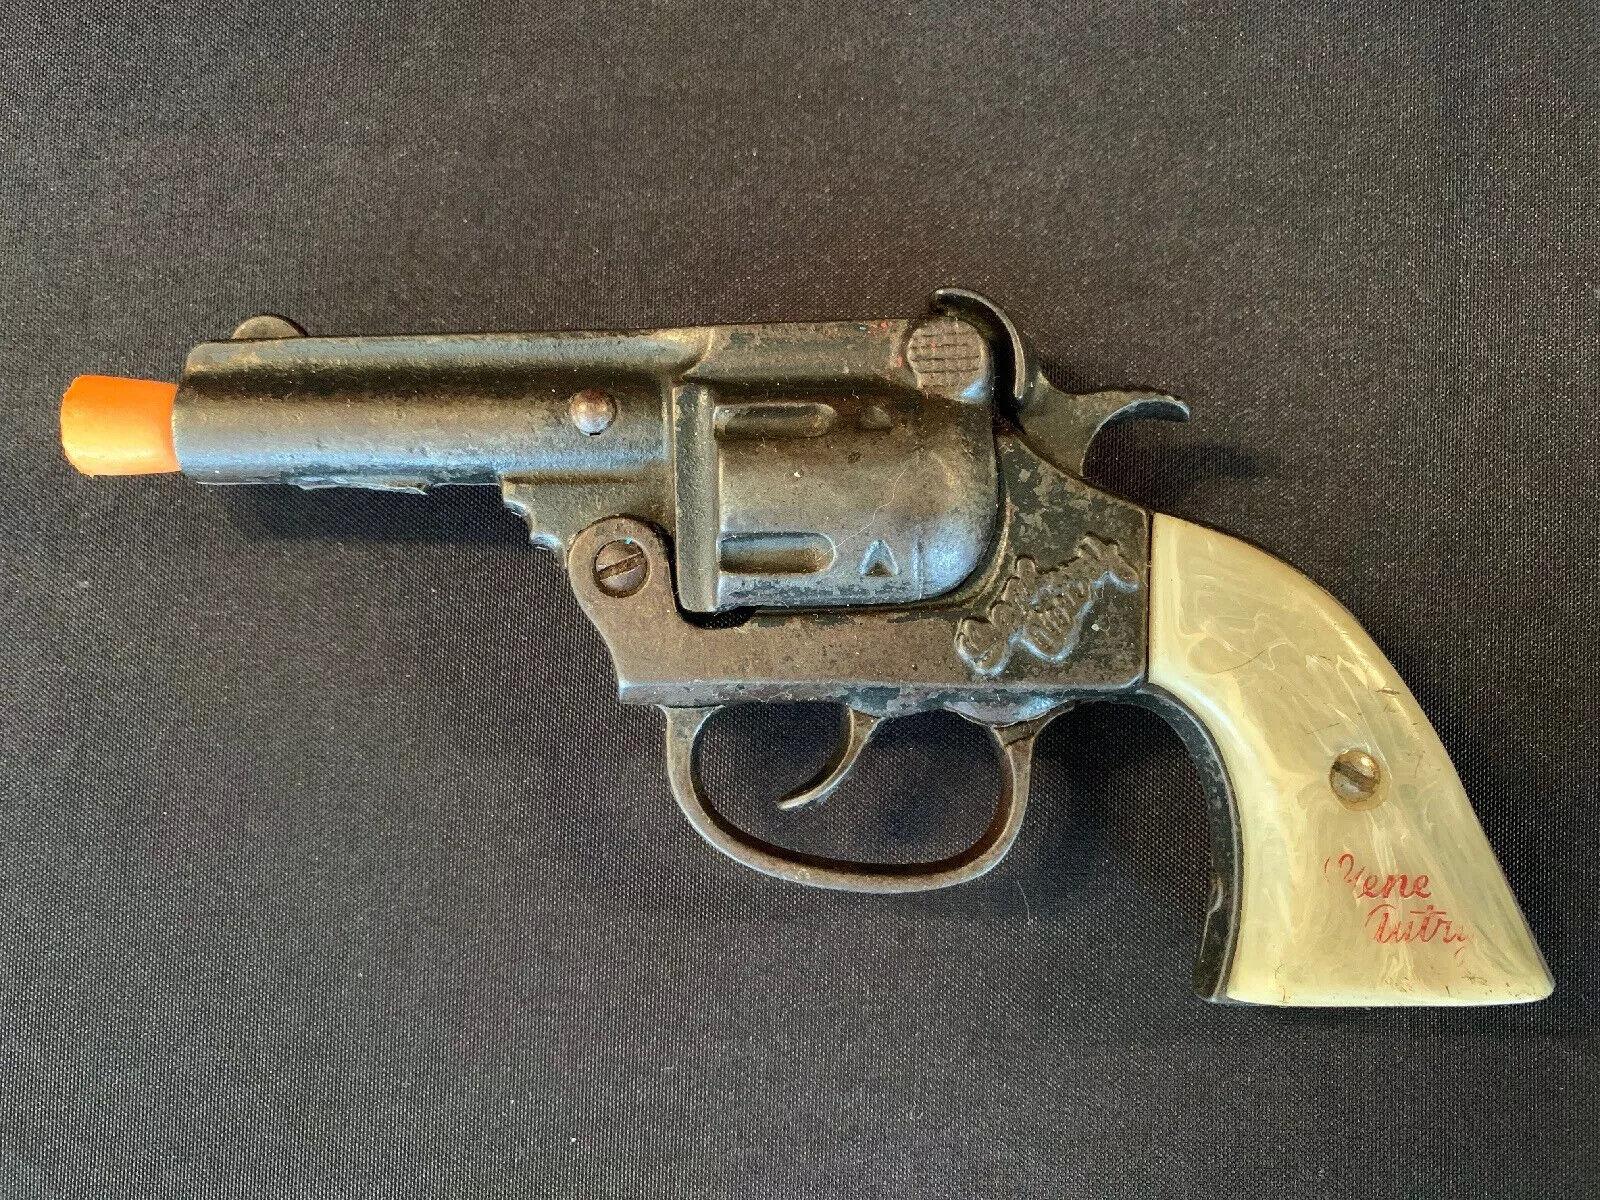 ビンテージ1940年代1950年代ジーンオートトリーケントリーおもちゃキャップ銃